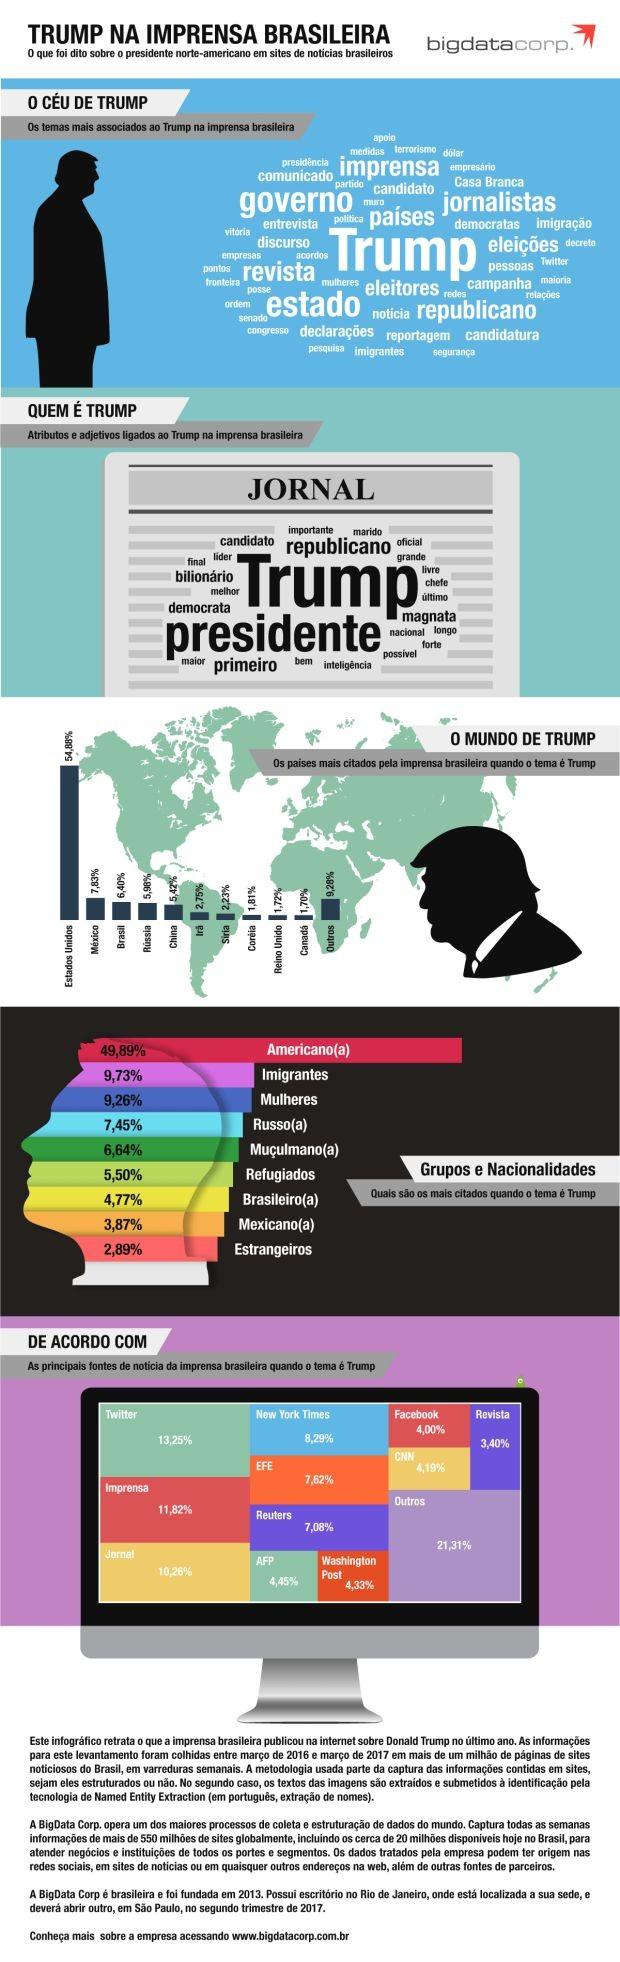 Infográfico mostra o que a imprensa brasileira falou sobre Donald Trump (Foto: BigData Corp.)